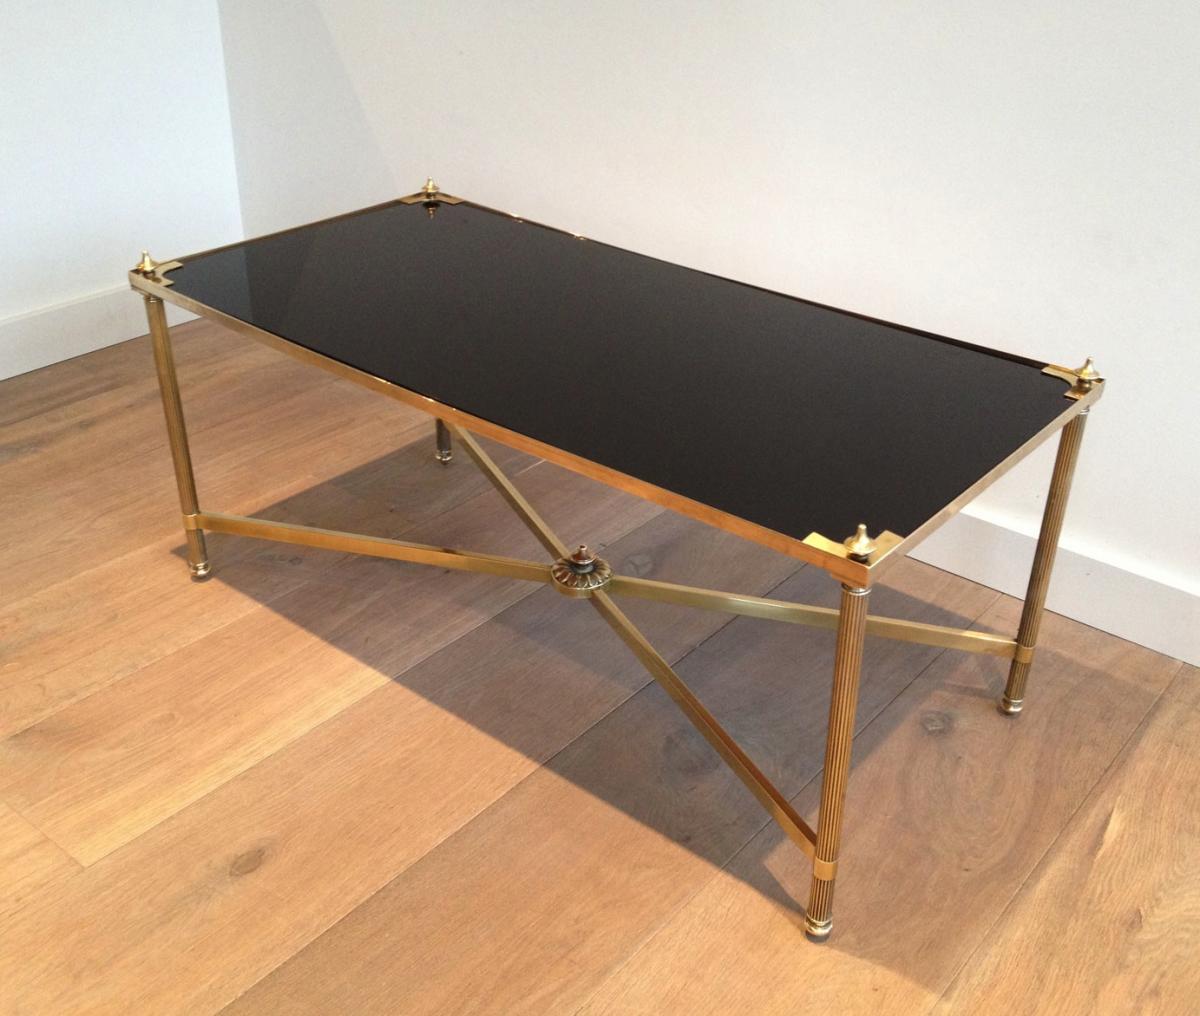 table basse rectangulaire en laiton et plateau de verre laqu noir vers 1940 tables basses. Black Bedroom Furniture Sets. Home Design Ideas